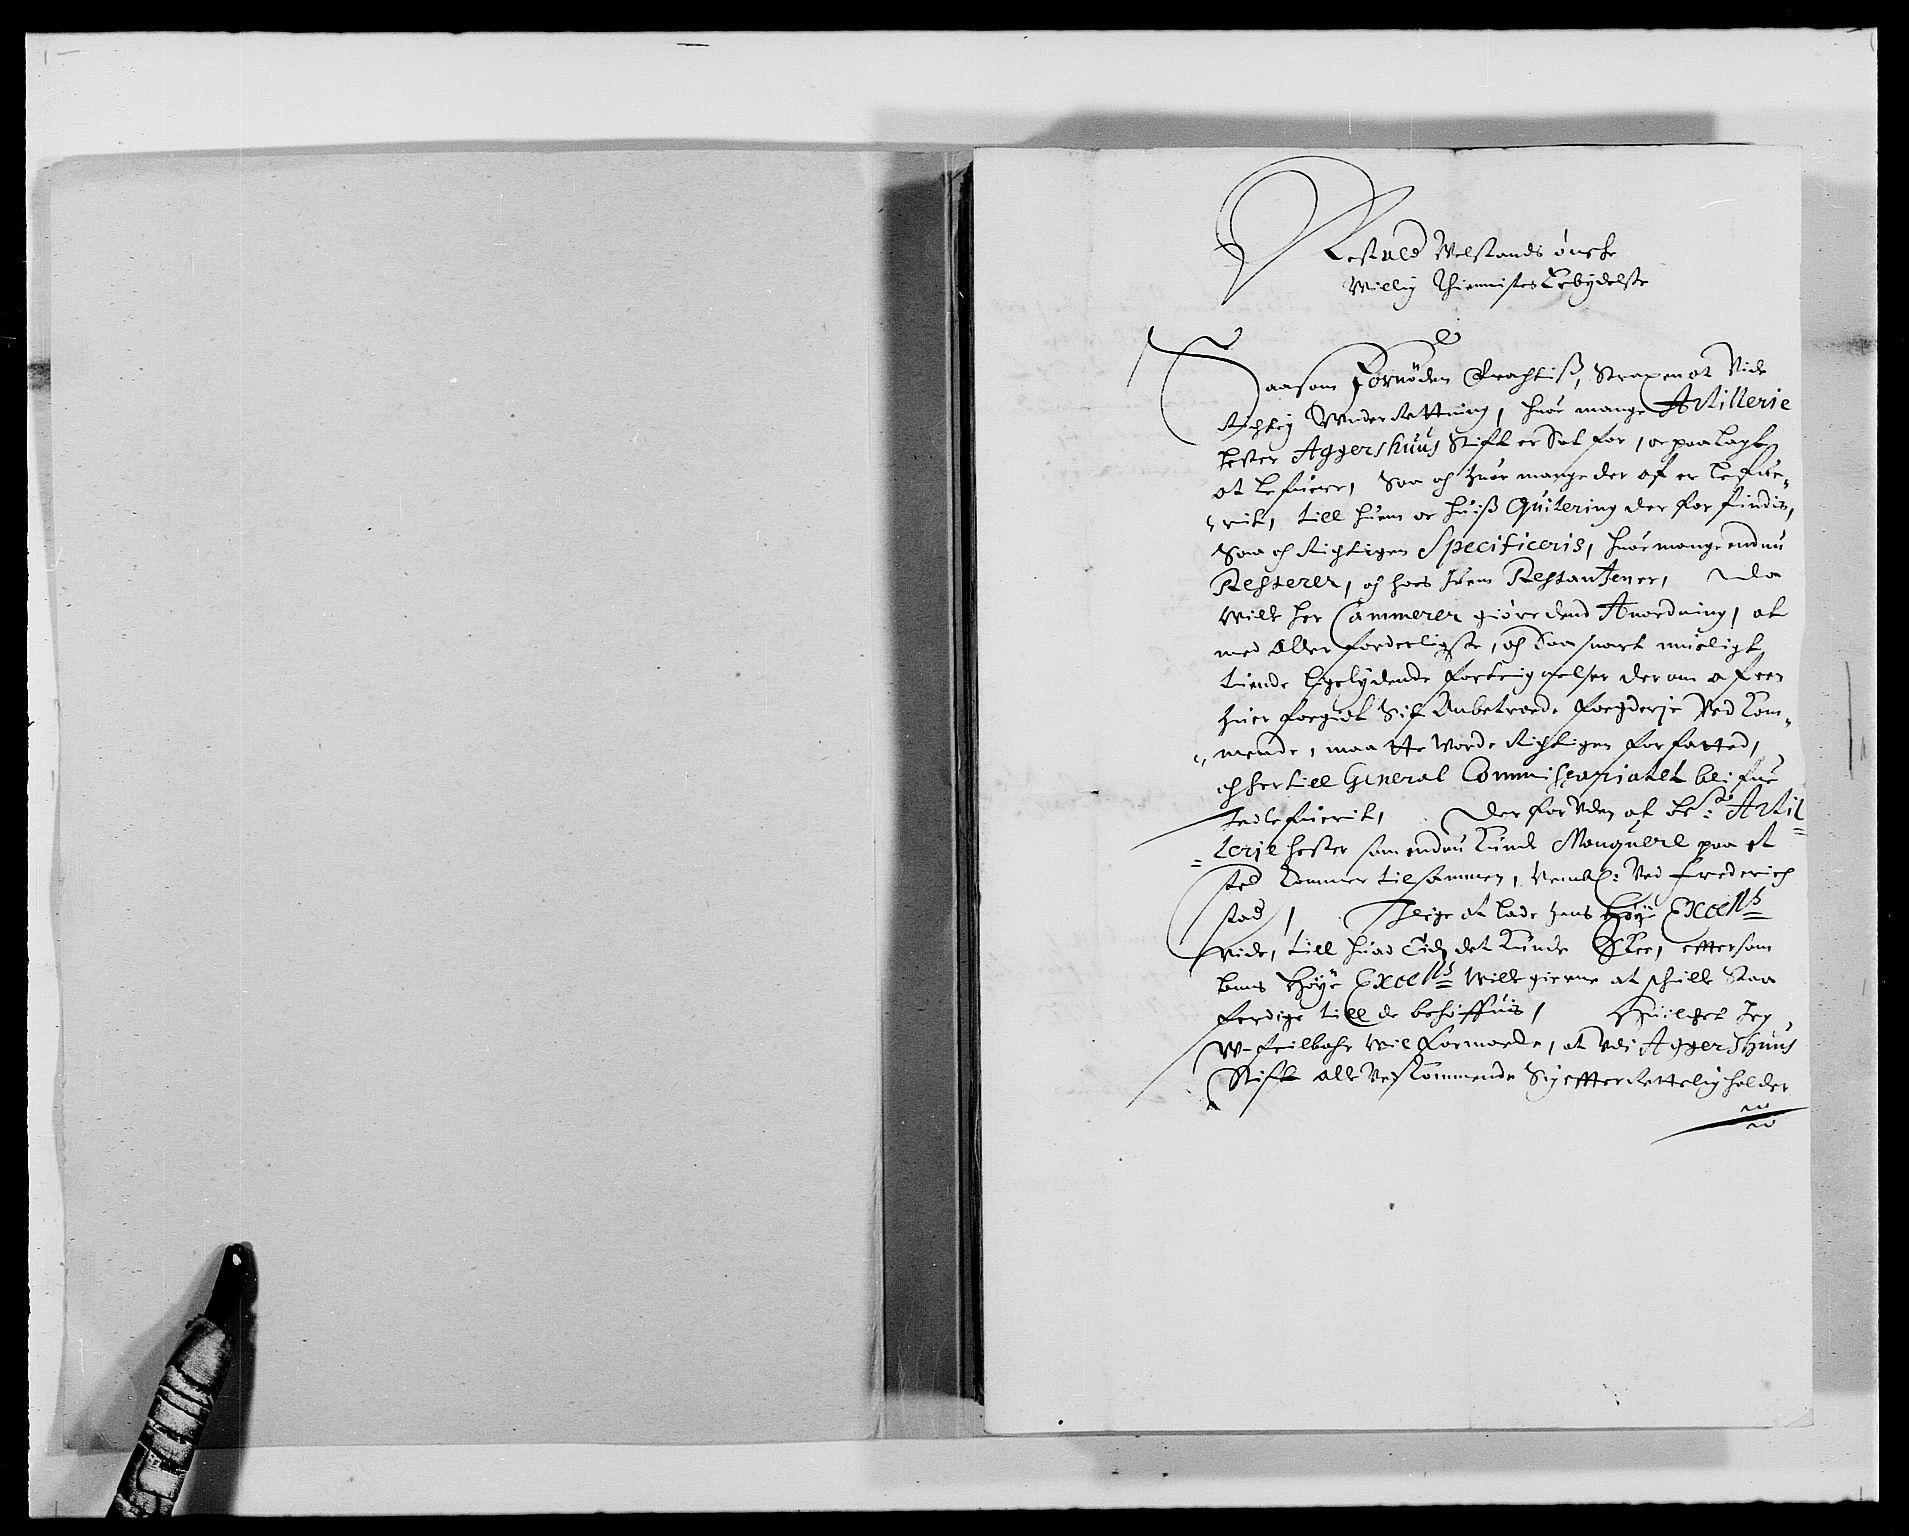 RA, Rentekammeret inntil 1814, Reviderte regnskaper, Fogderegnskap, R39/L2311: Fogderegnskap Nedenes, 1690-1692, s. 2